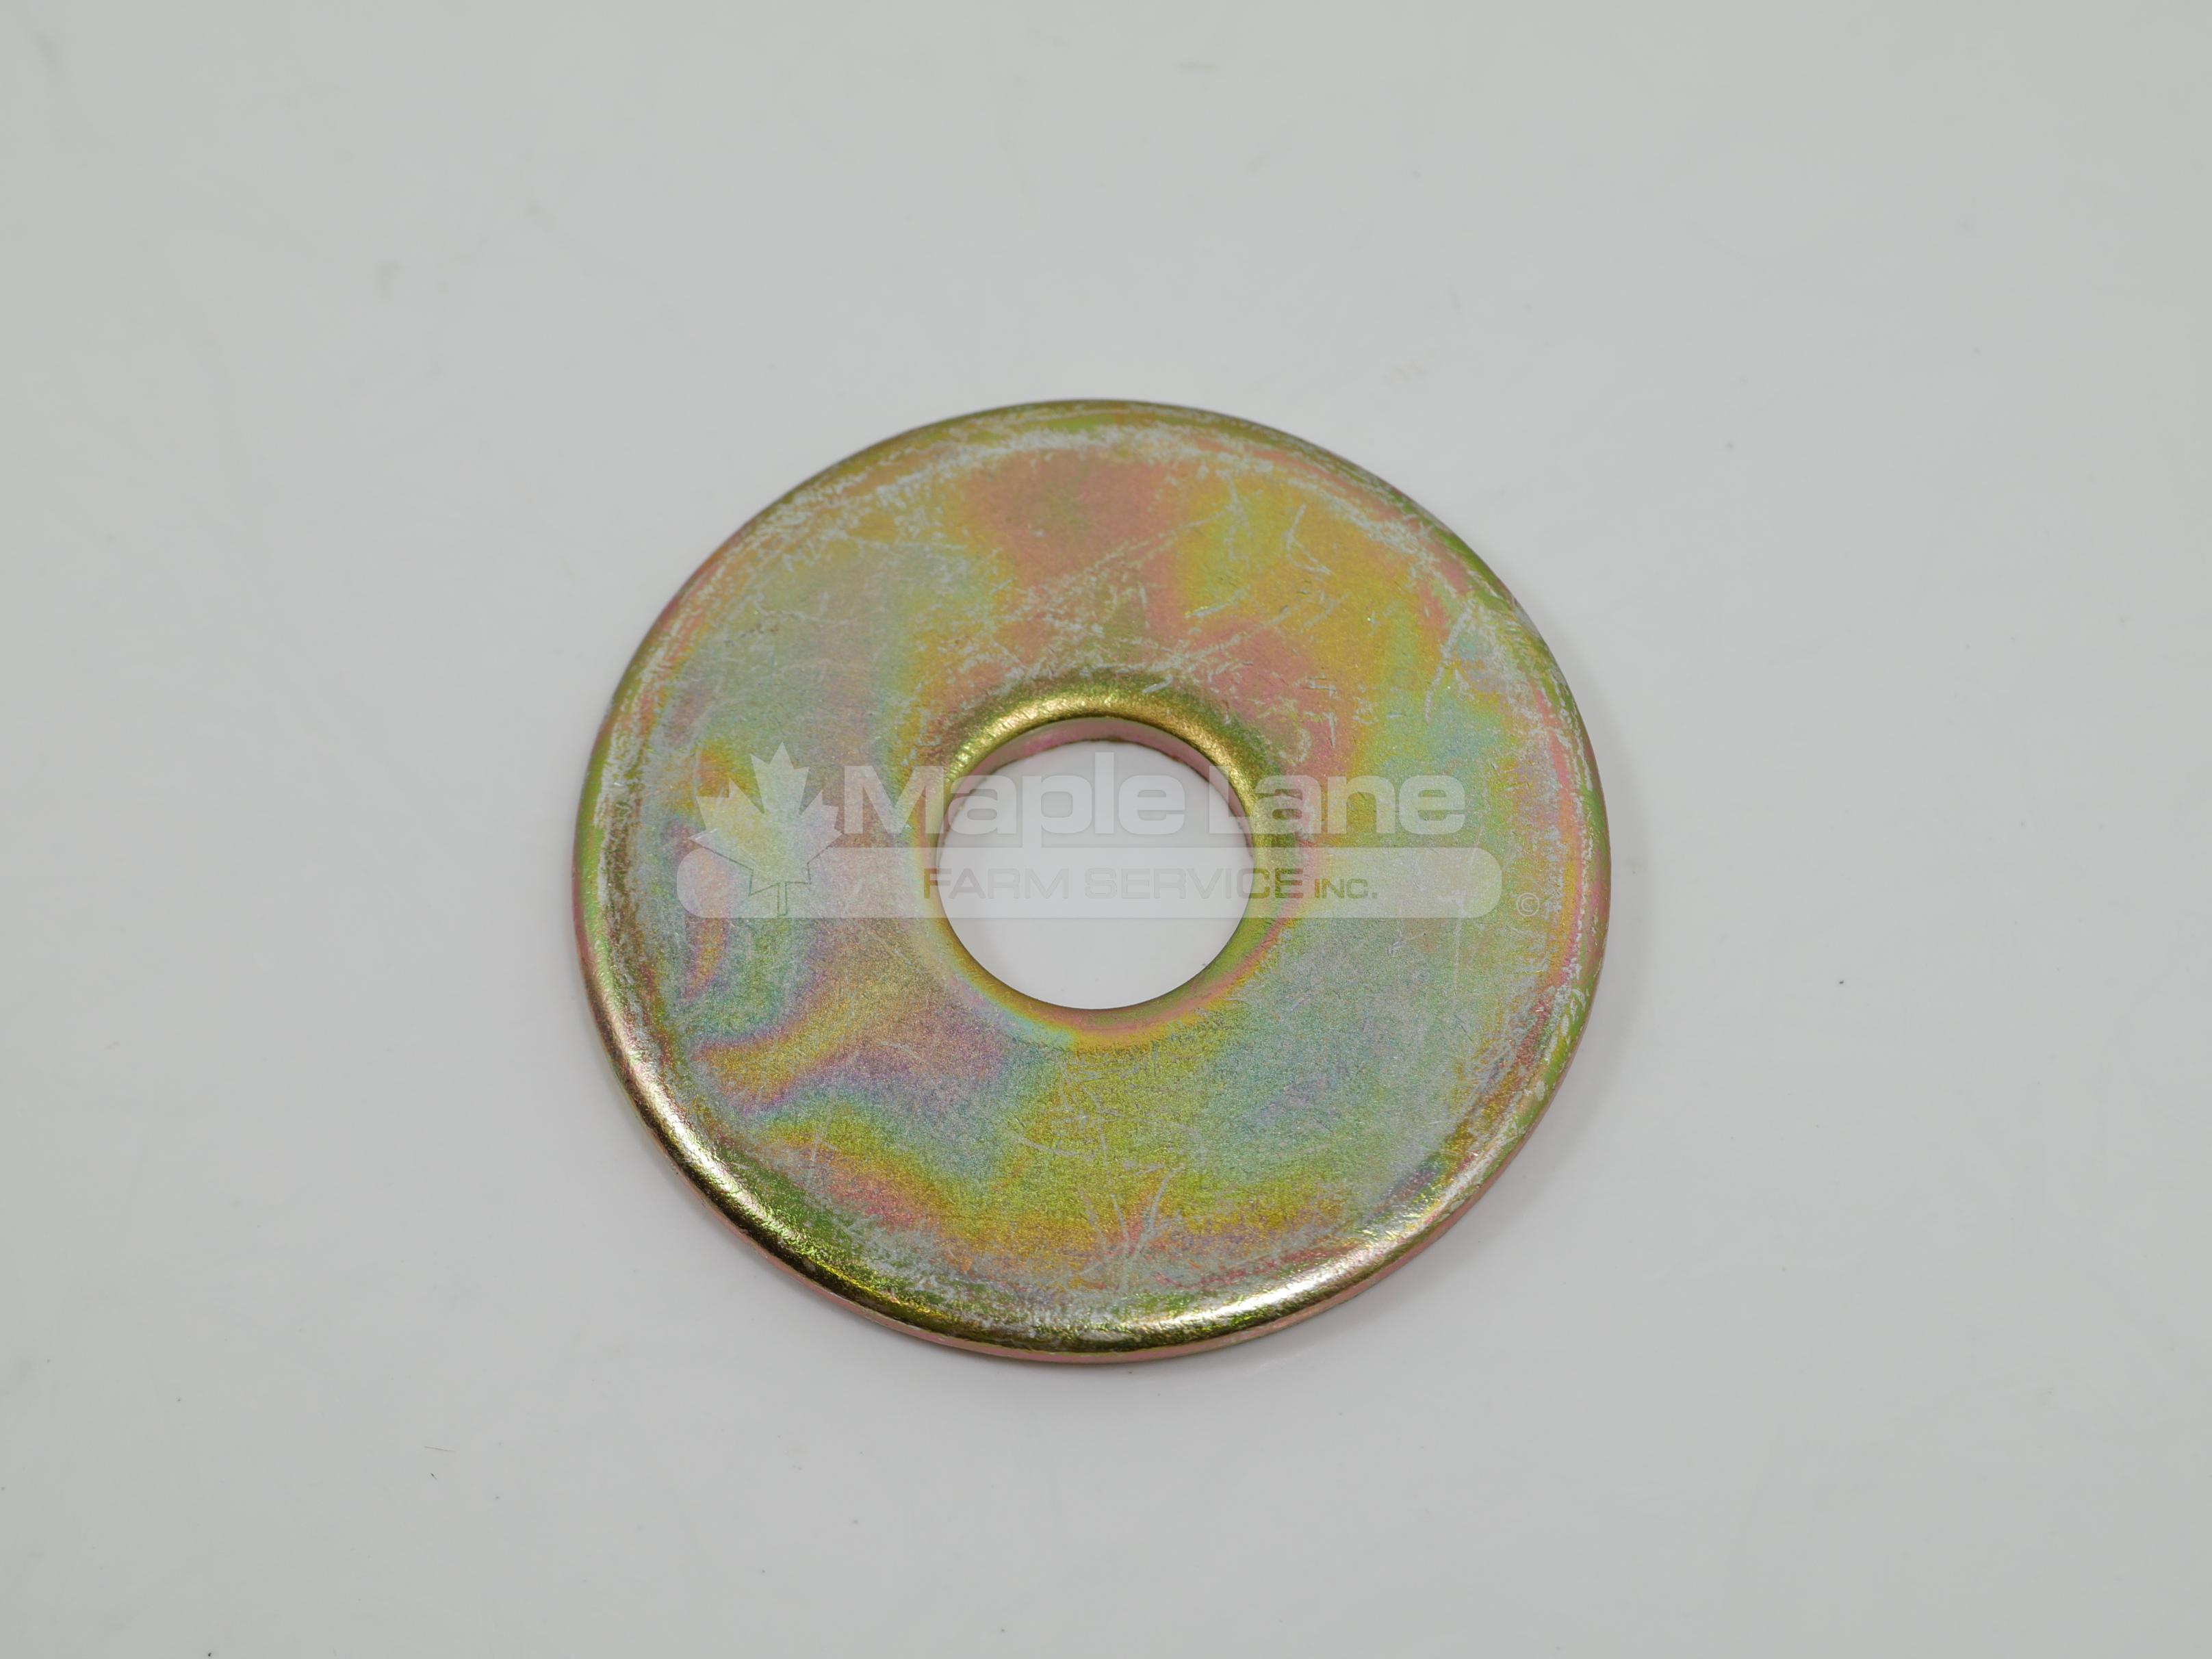 400-30803 Flat Washer